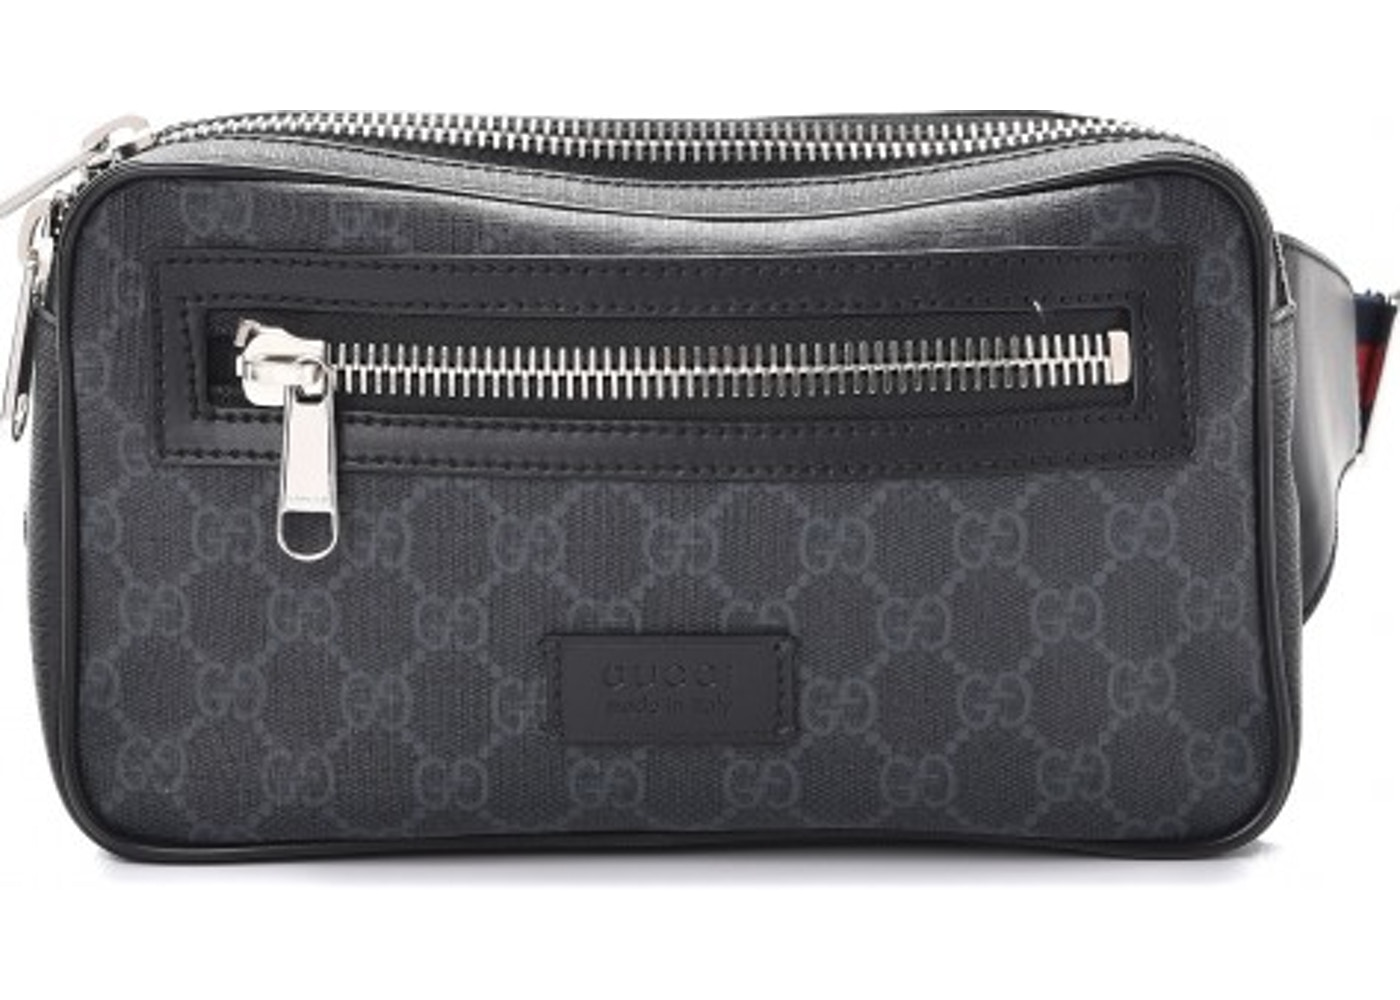 0ff6c0e670fa Gucci Belt Bag Monogram GG Supreme Web Stripe Strap Black